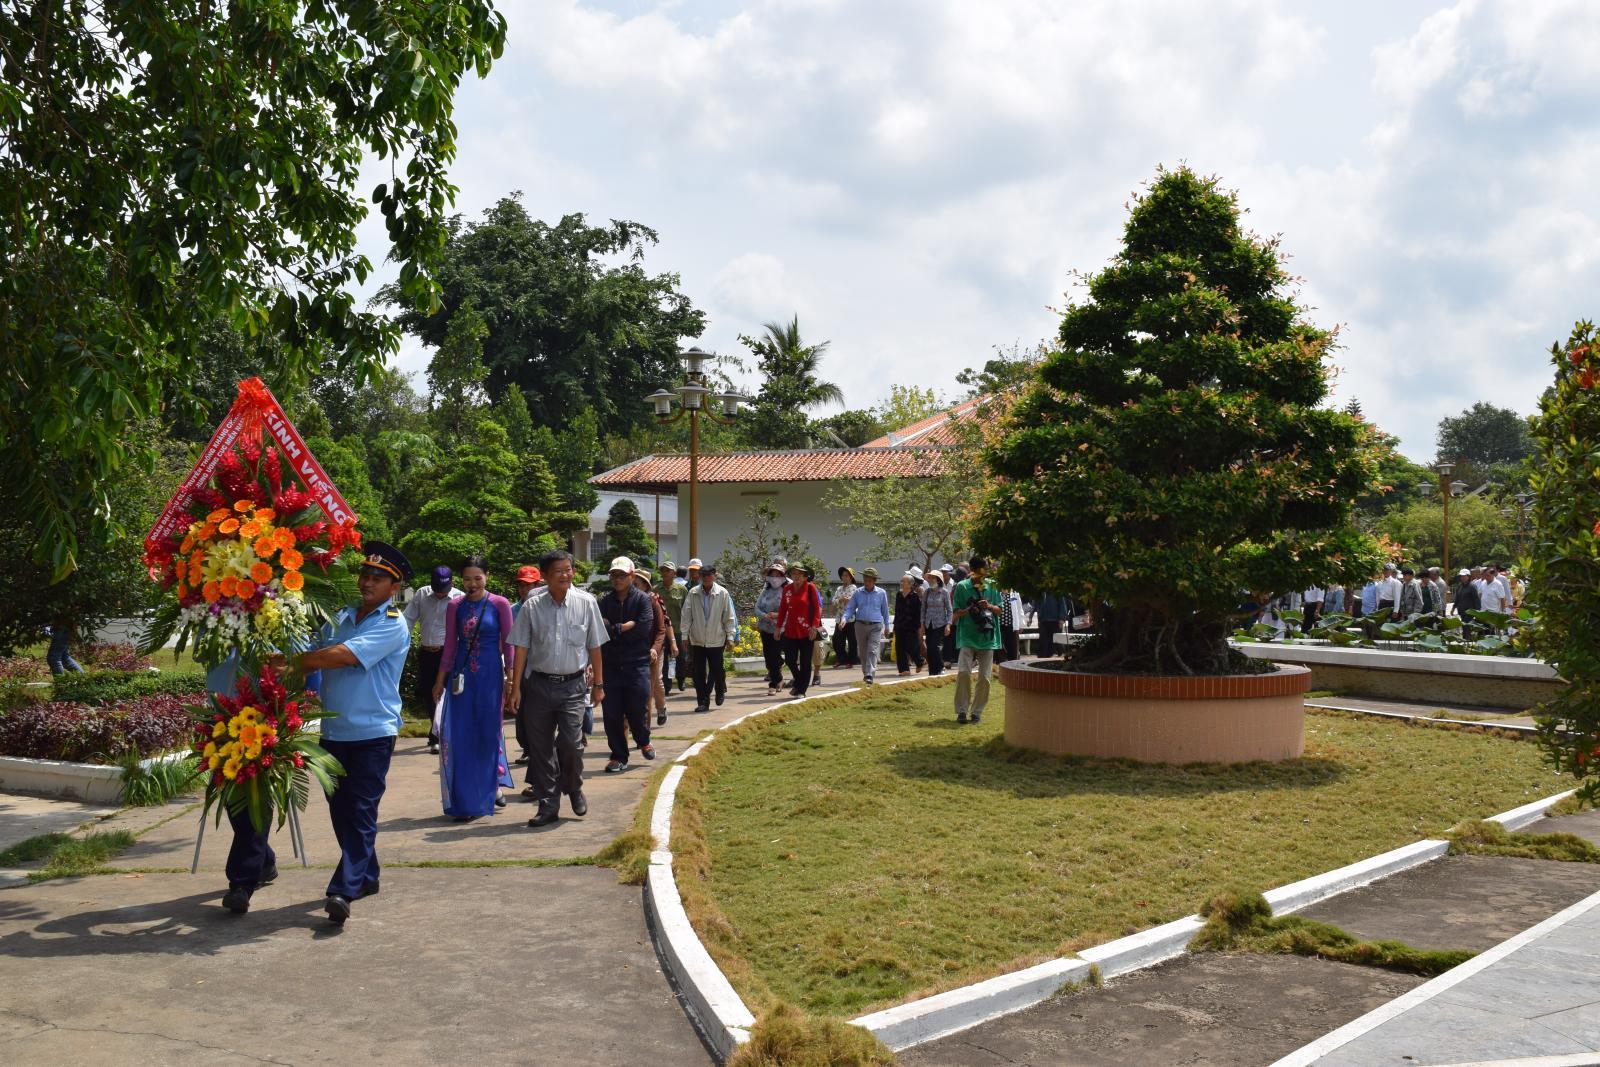 Đoàn Đại biểu tham dự Câu lạc bộ truyền thống kháng chiến Khu vực phía Nam viếng mộ cụ Phó bảng Nguyễn Sinh Sắc